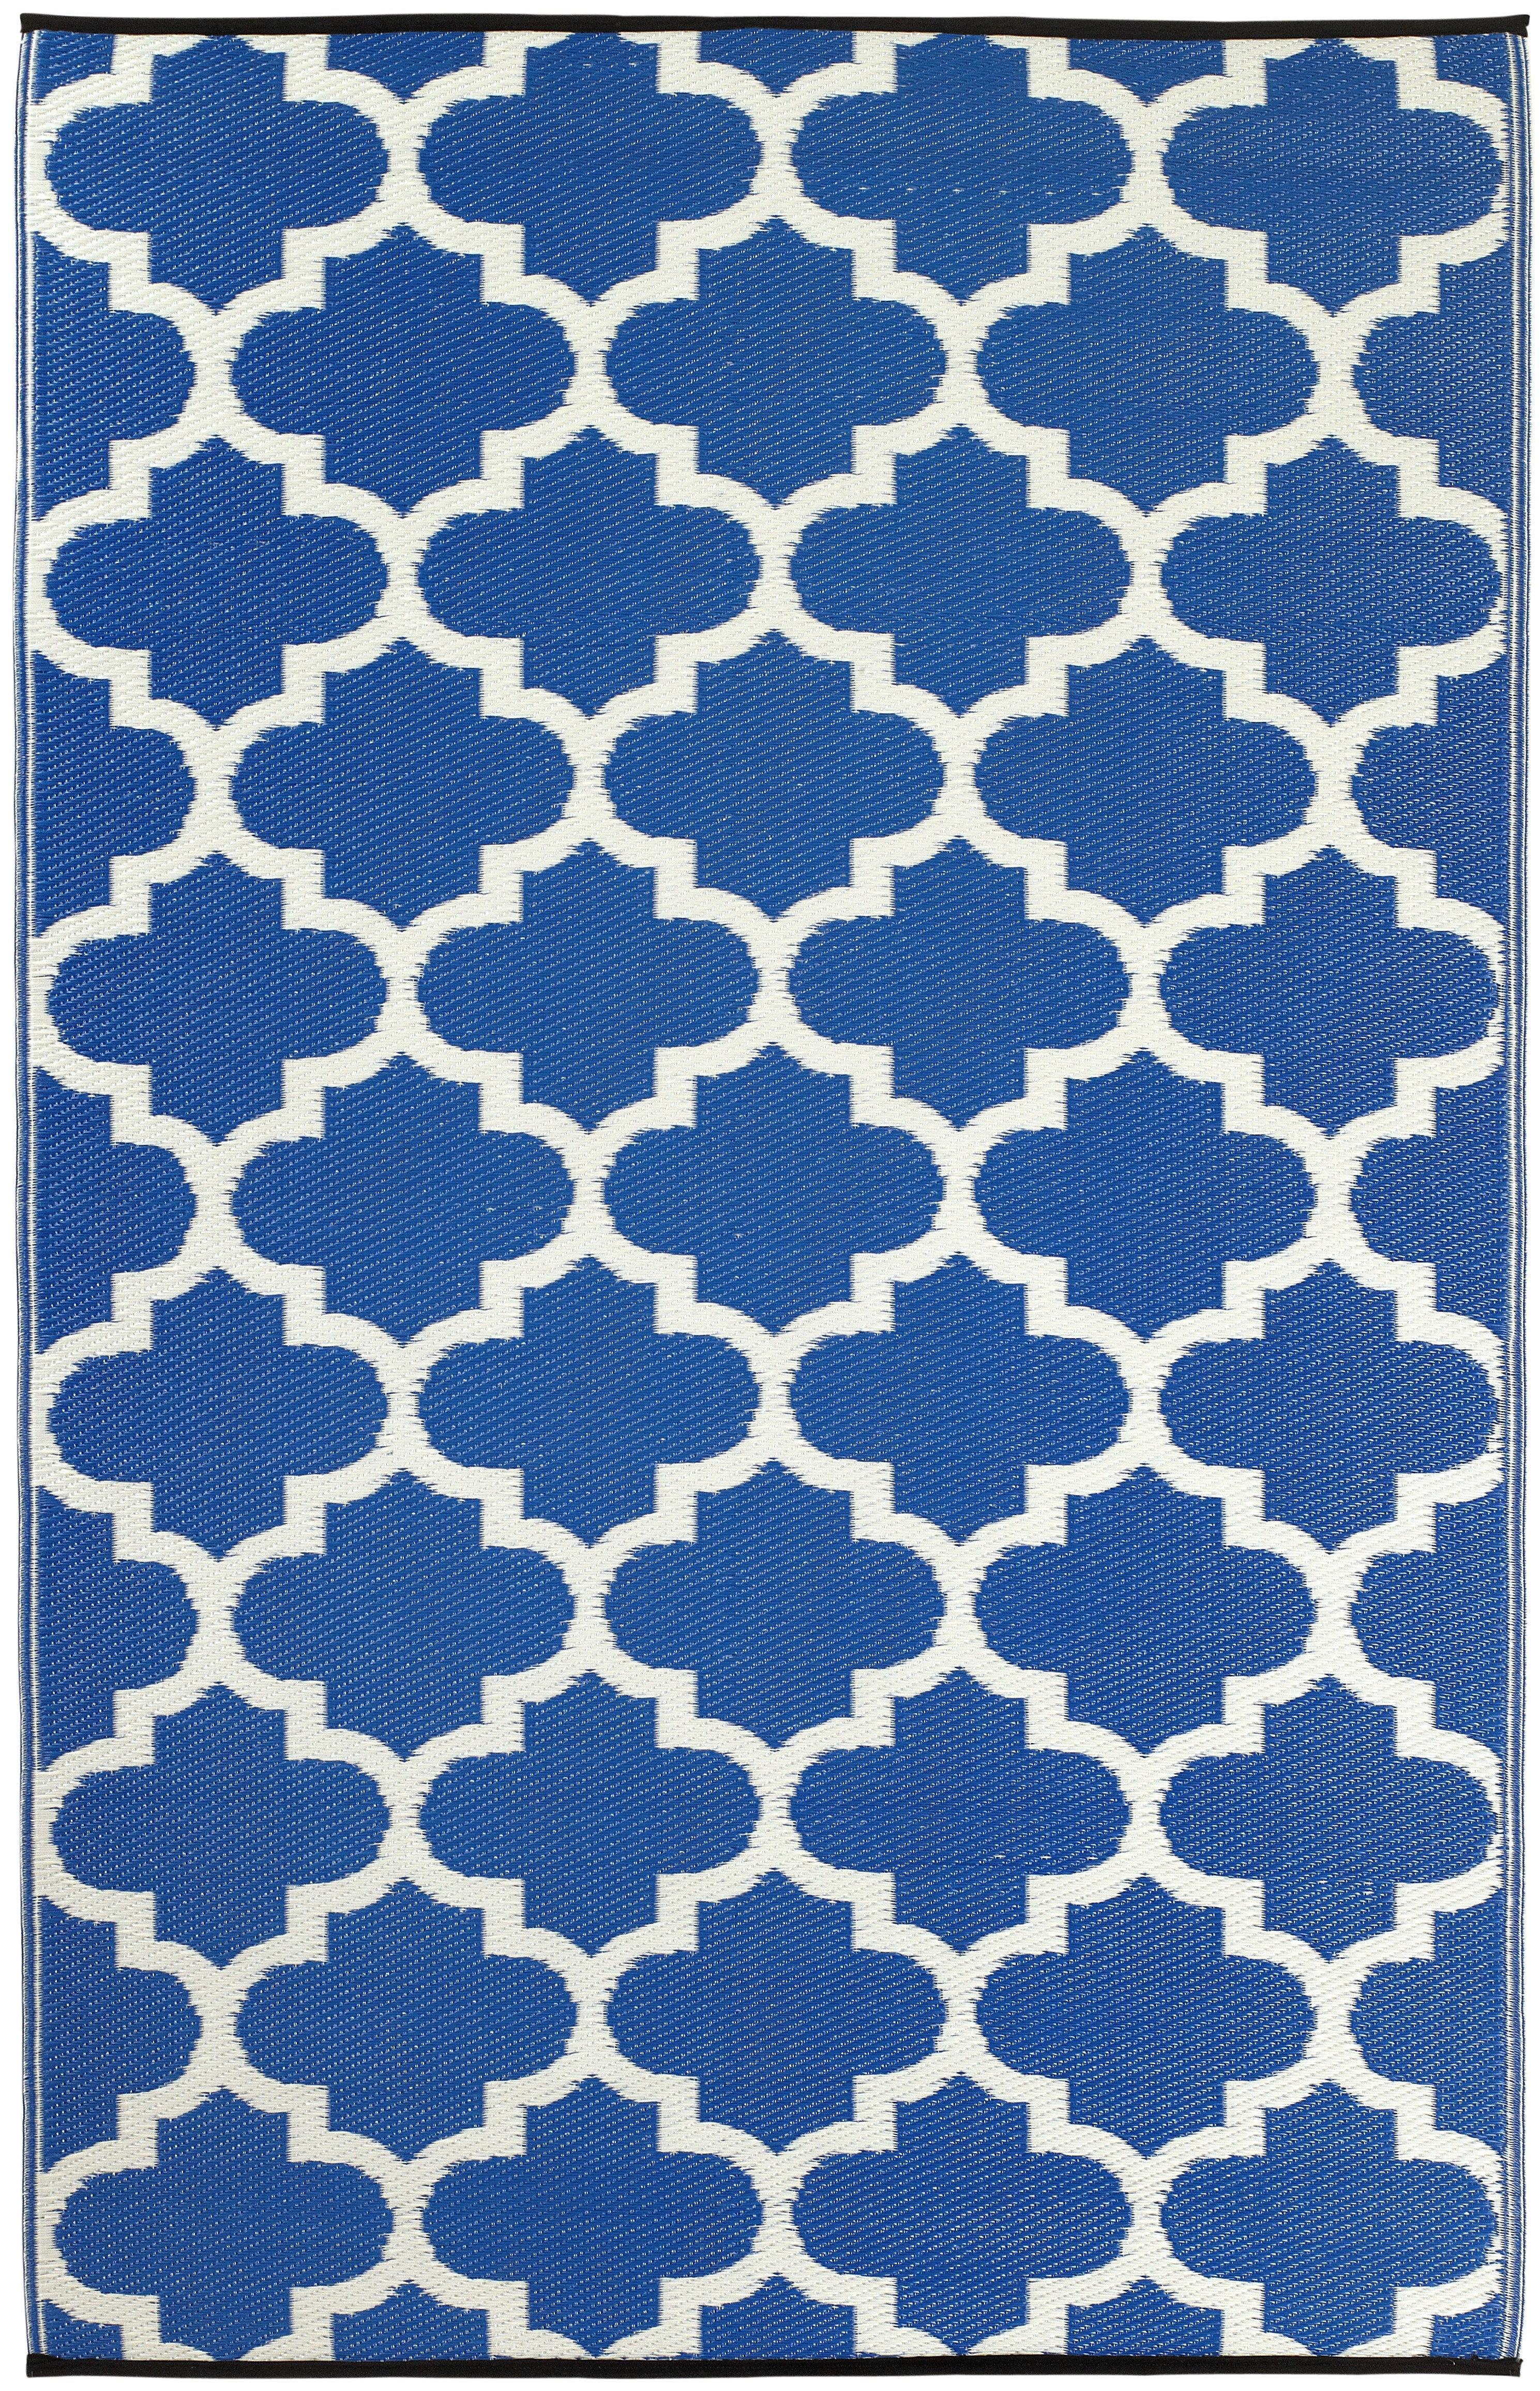 Andover Mills Martina Tangier Regatta Blue White Indooroutdoor